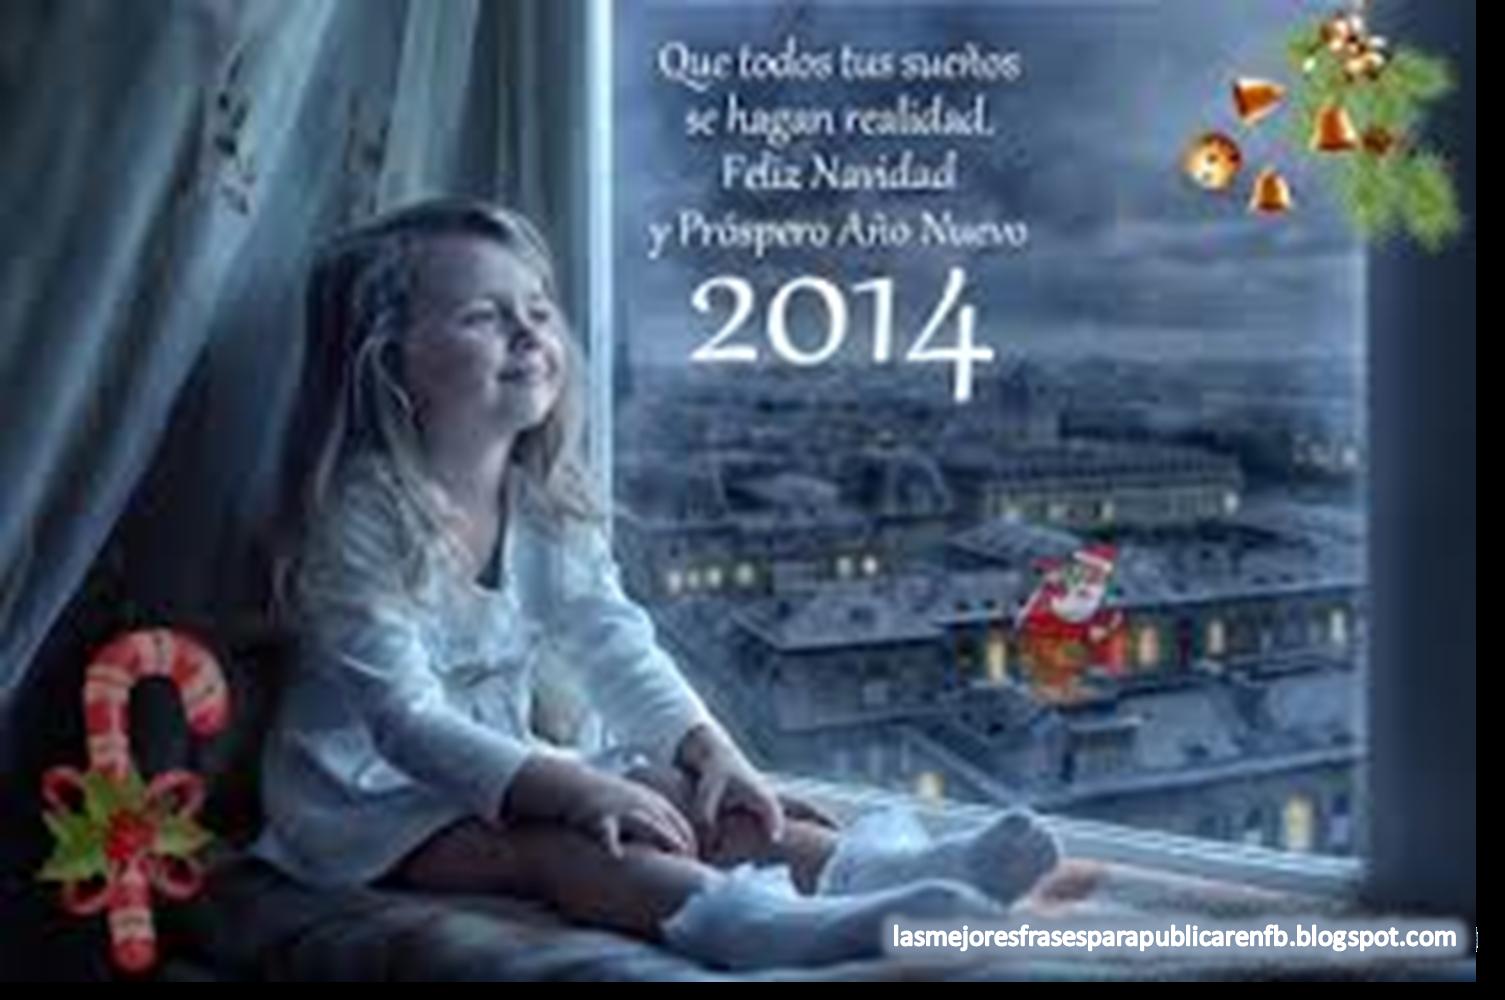 Las mejores frases para publicar en fb frases de a o - Frases de feliz navidad y prospero ano nuevo ...